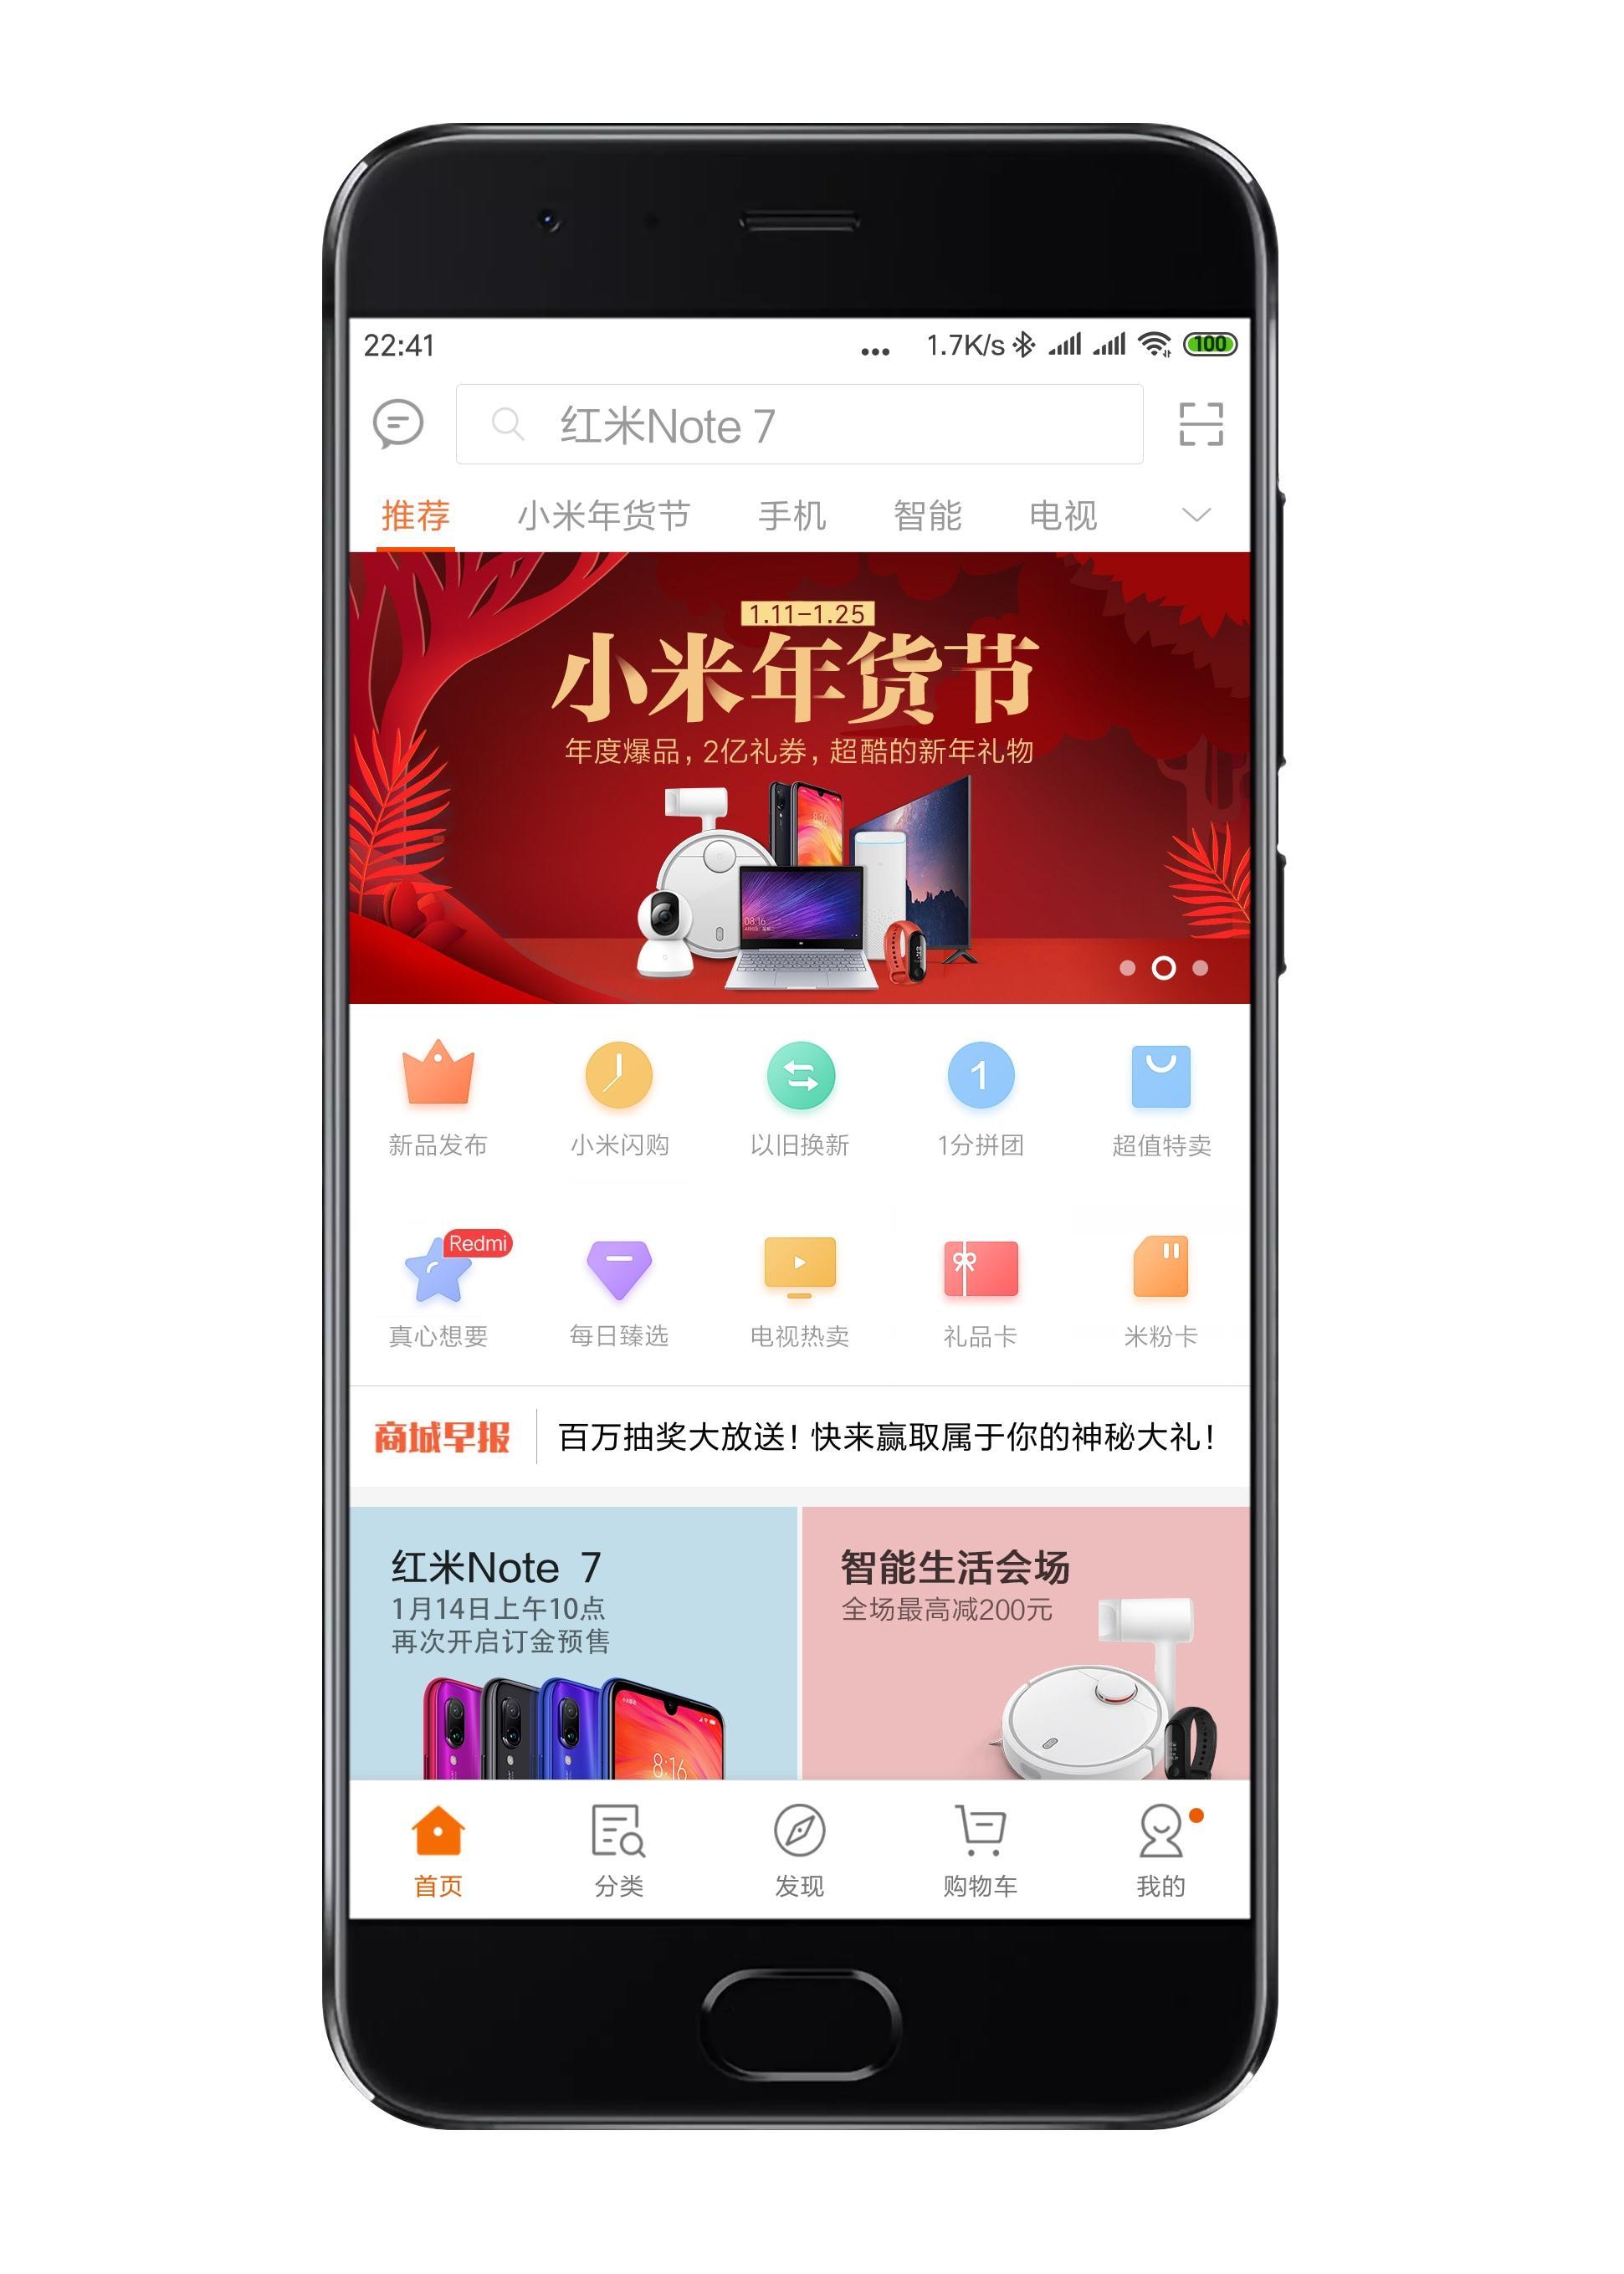 小米手机【小米商城】服务中心功能详解